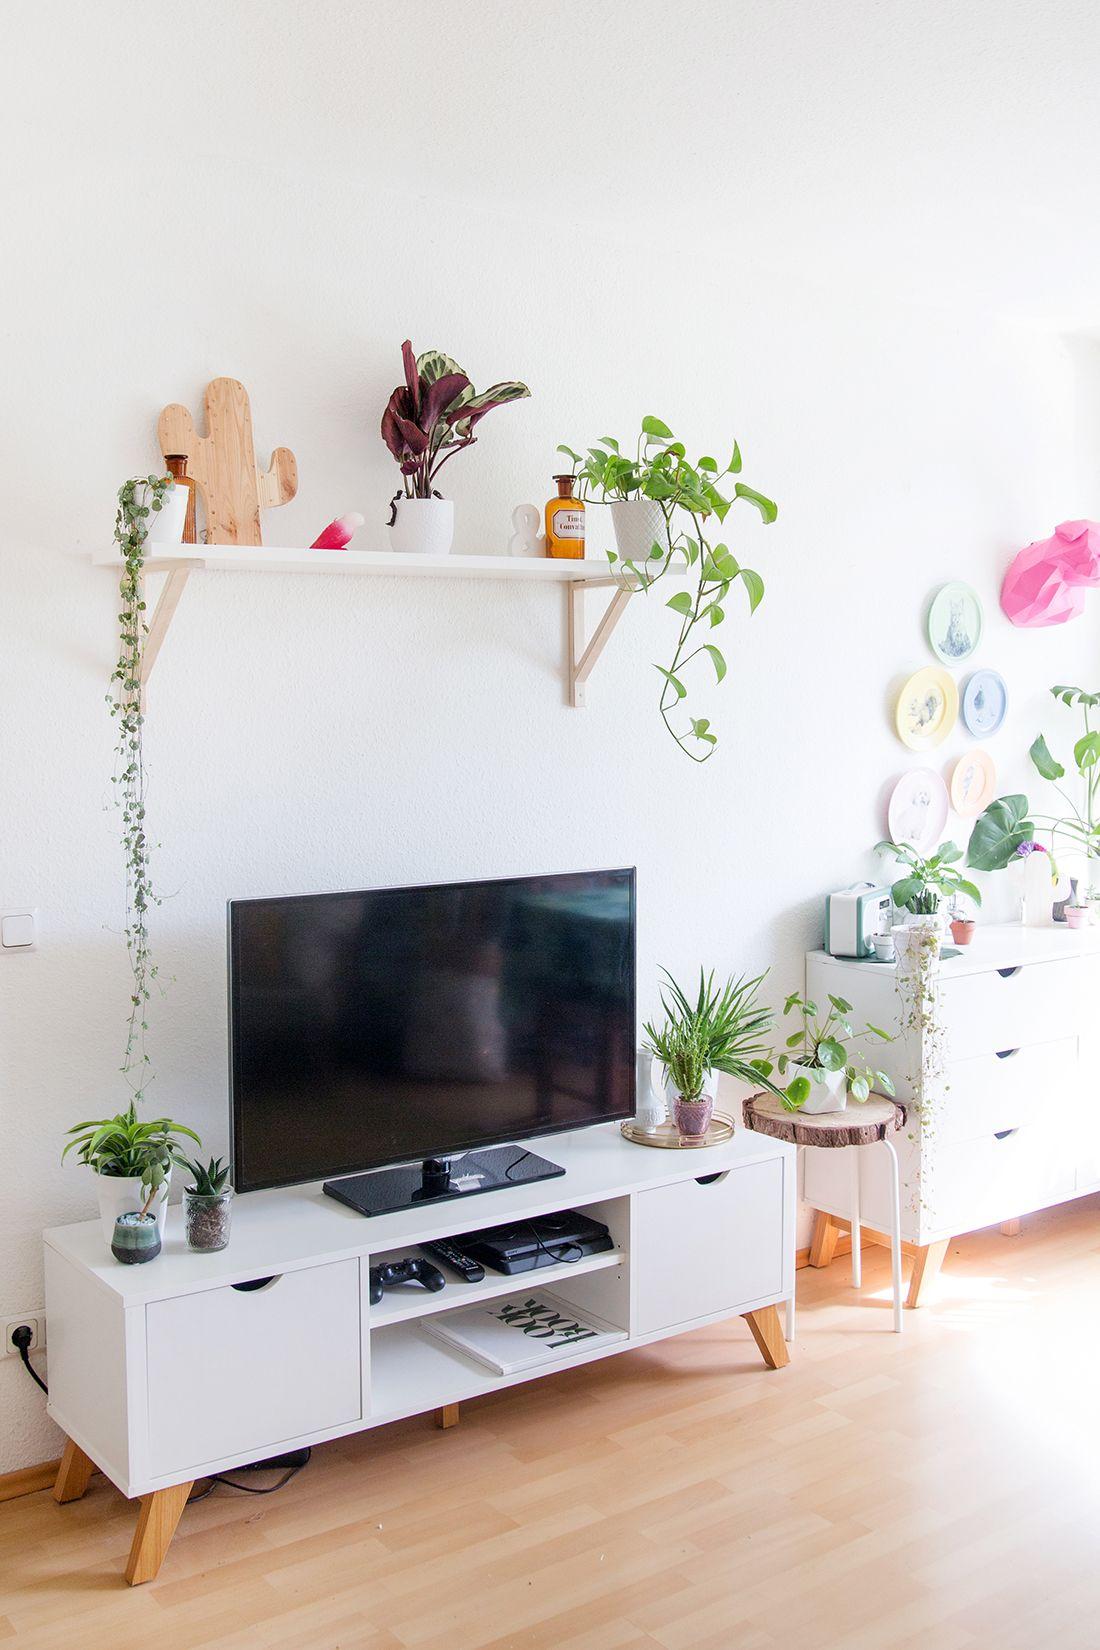 DIY Deko Fürs Wohnzimmer: Wohnzimmer In Bunt Und Skandinavisch Einrichten  Mit Vielen DIY Deko Tipps